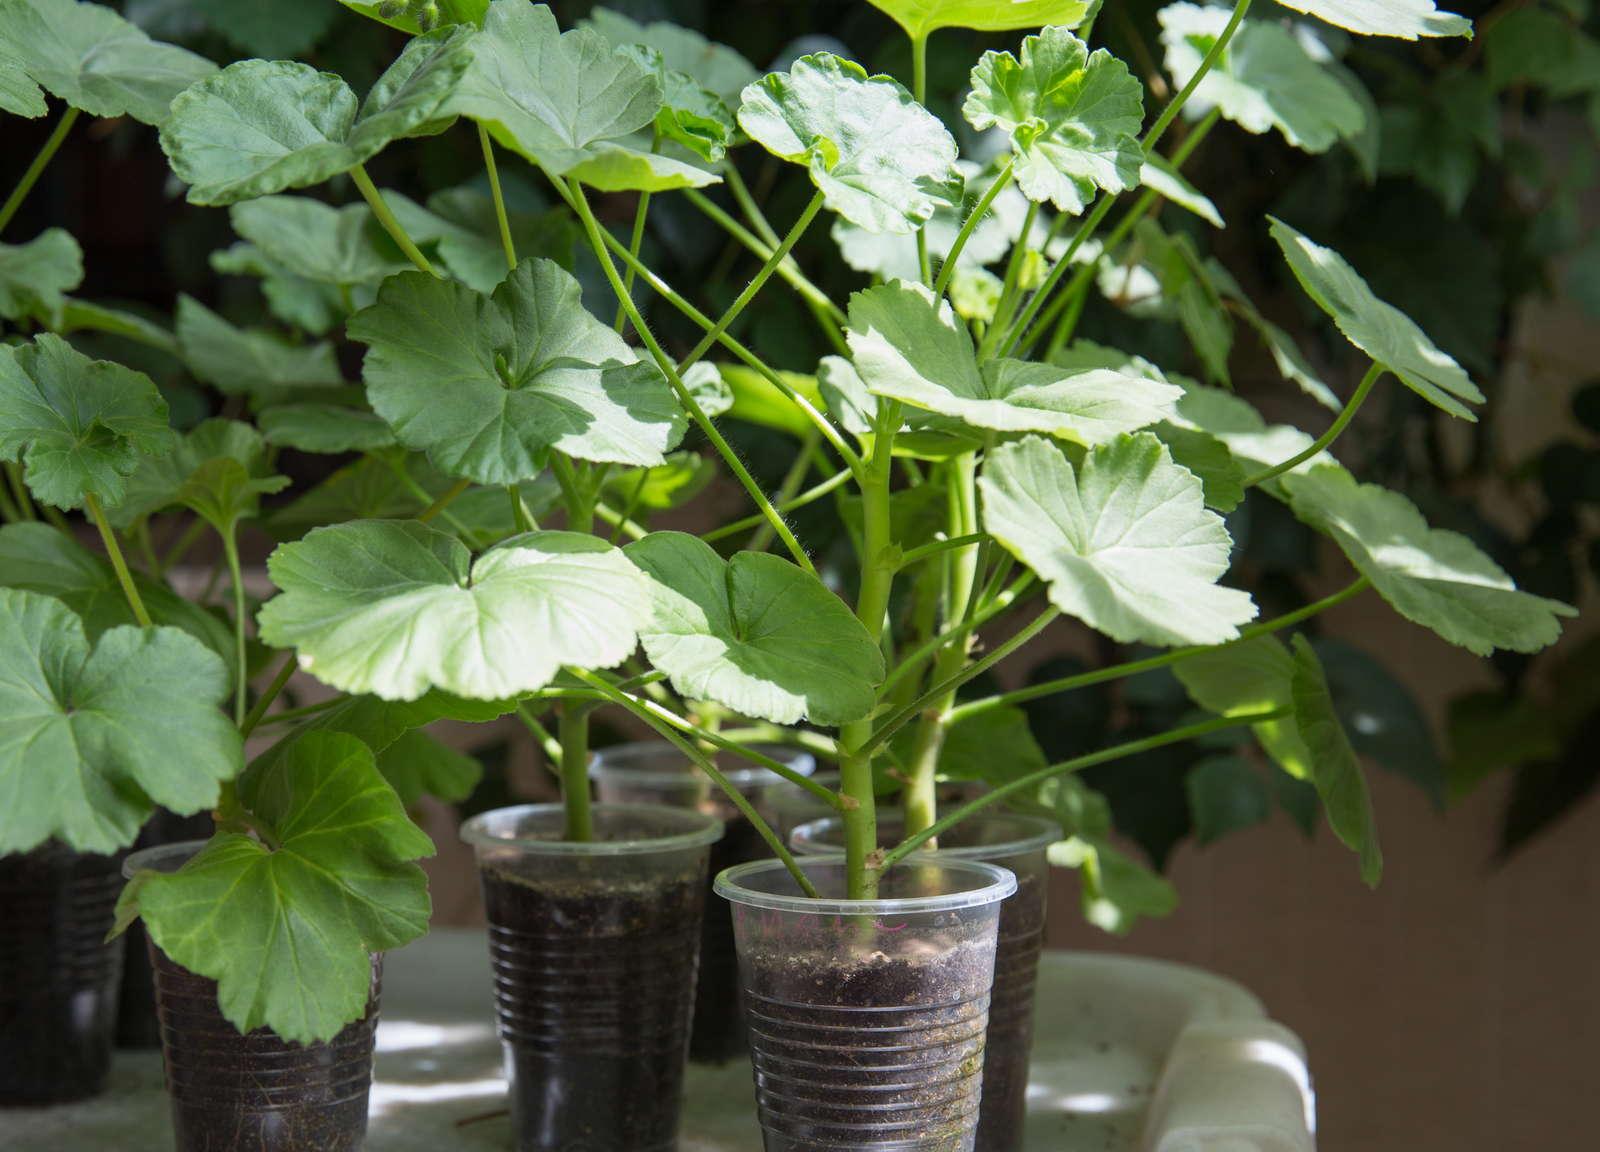 размножается сирень семенами и вегетативно